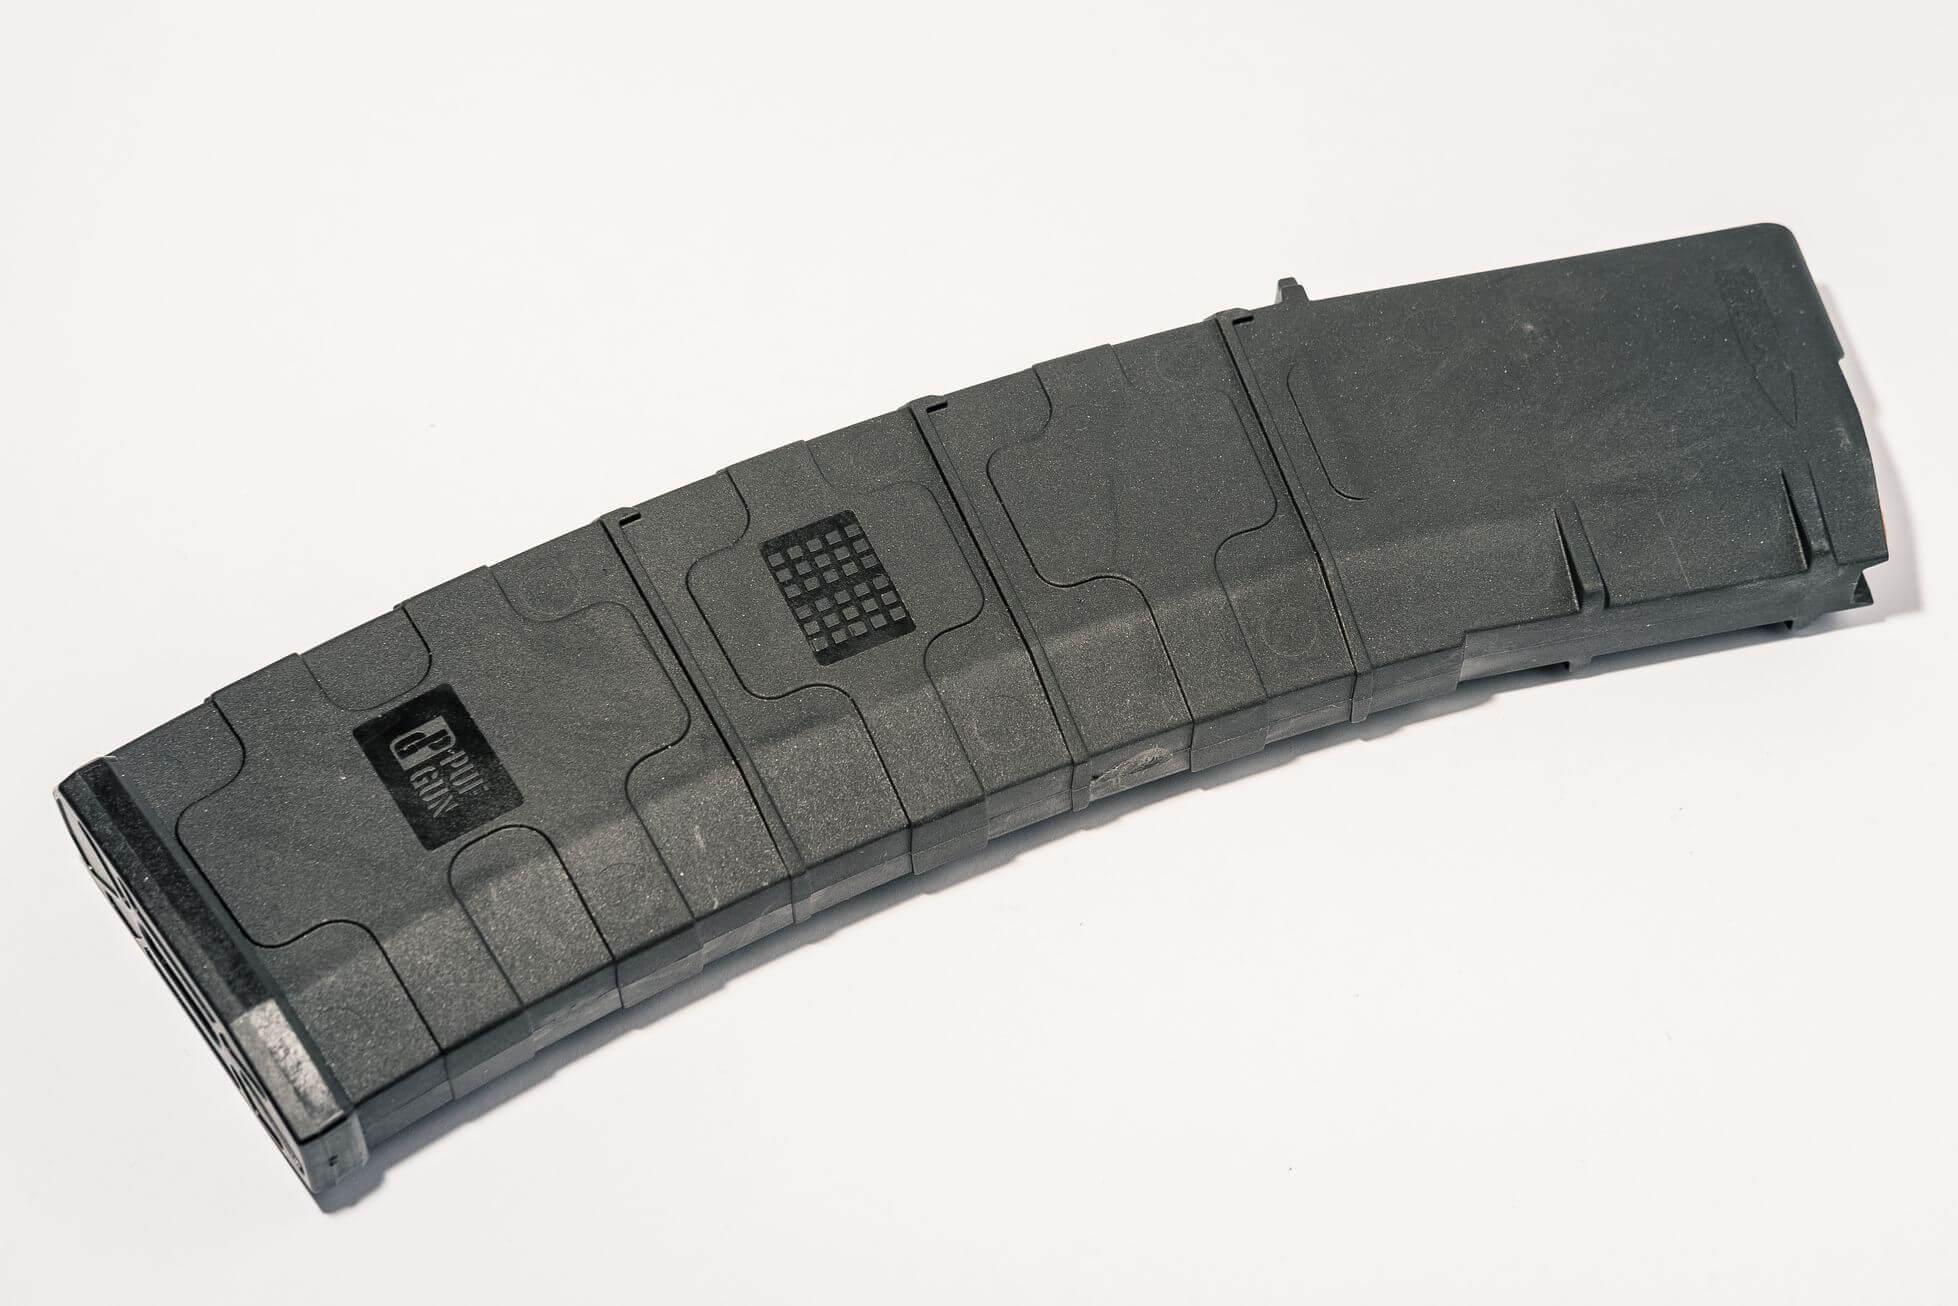 Магазин Pufgun для AR-15 на 45 патронов, черный